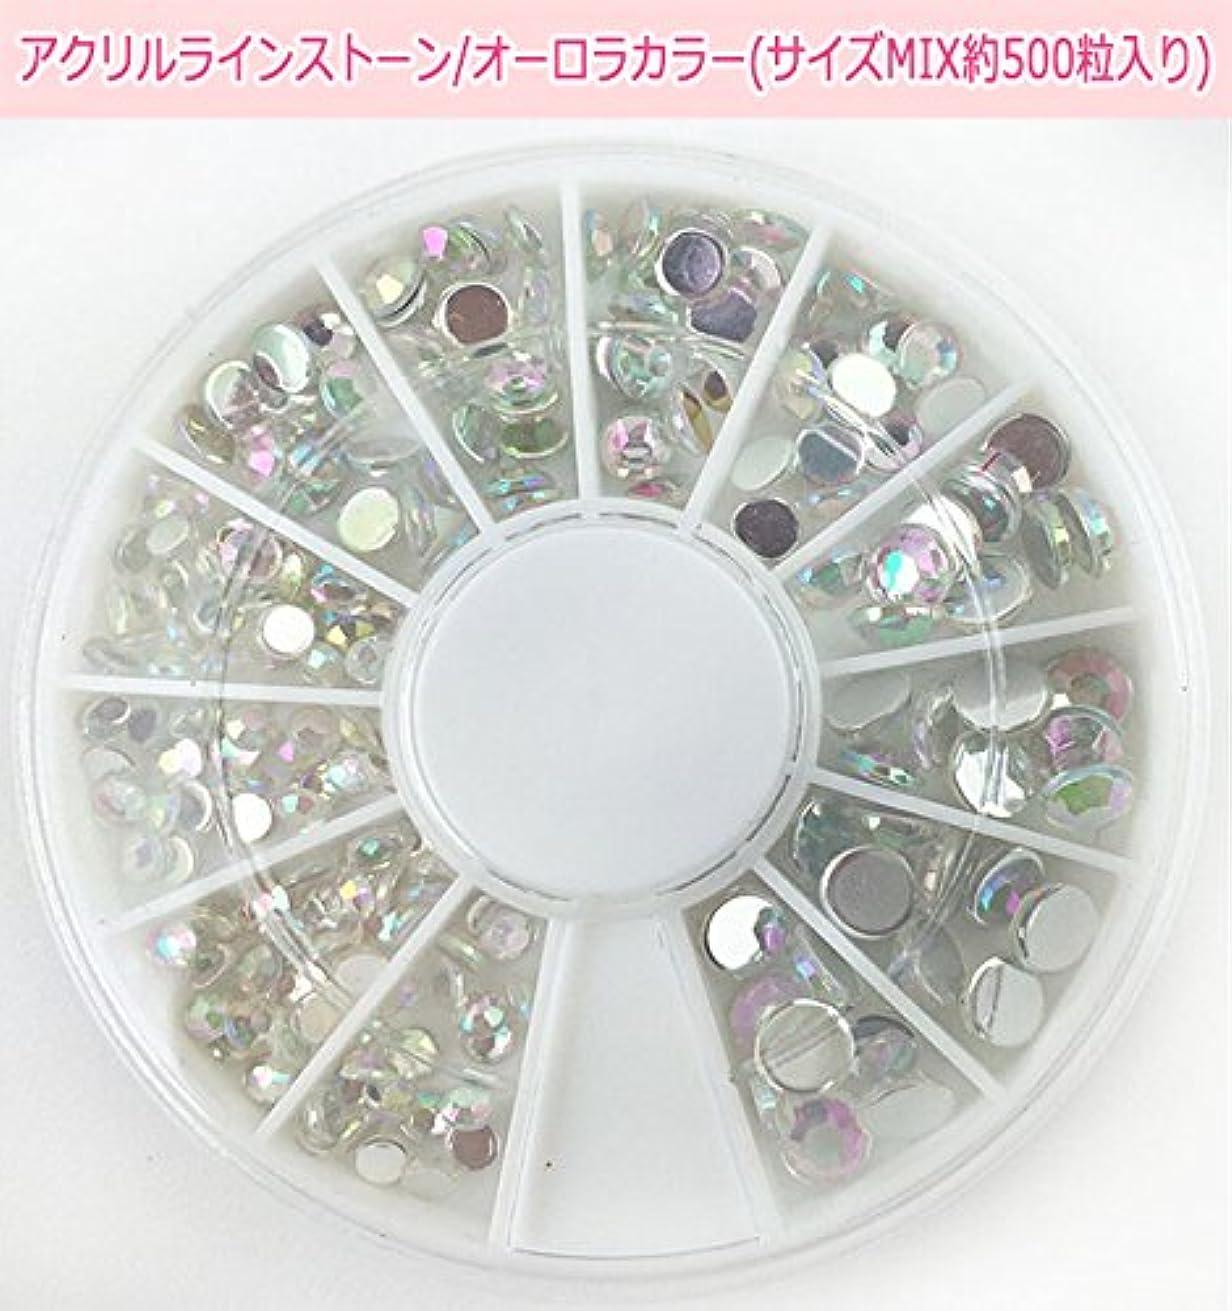 アクリルラインストーン/オーロラカラー(サイズMIX約500粒入り)